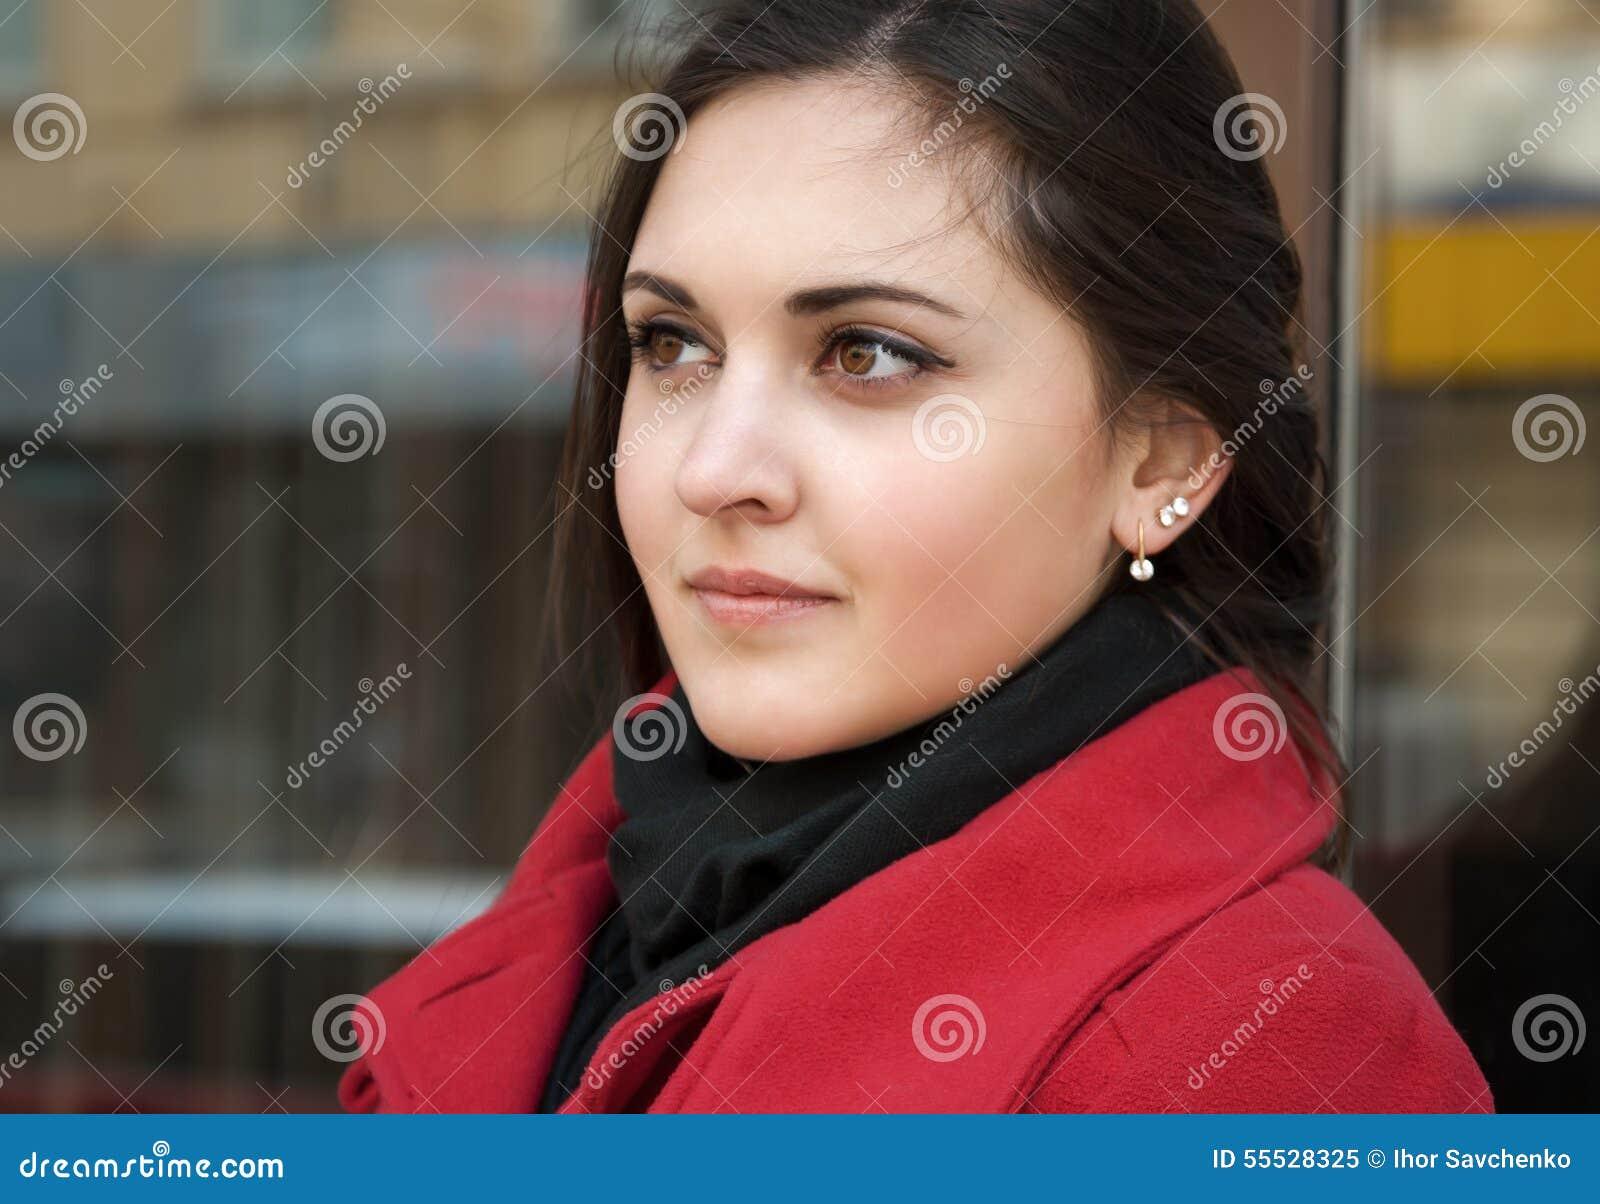 Jolie fille dans le manteau rouge et son regard expressif